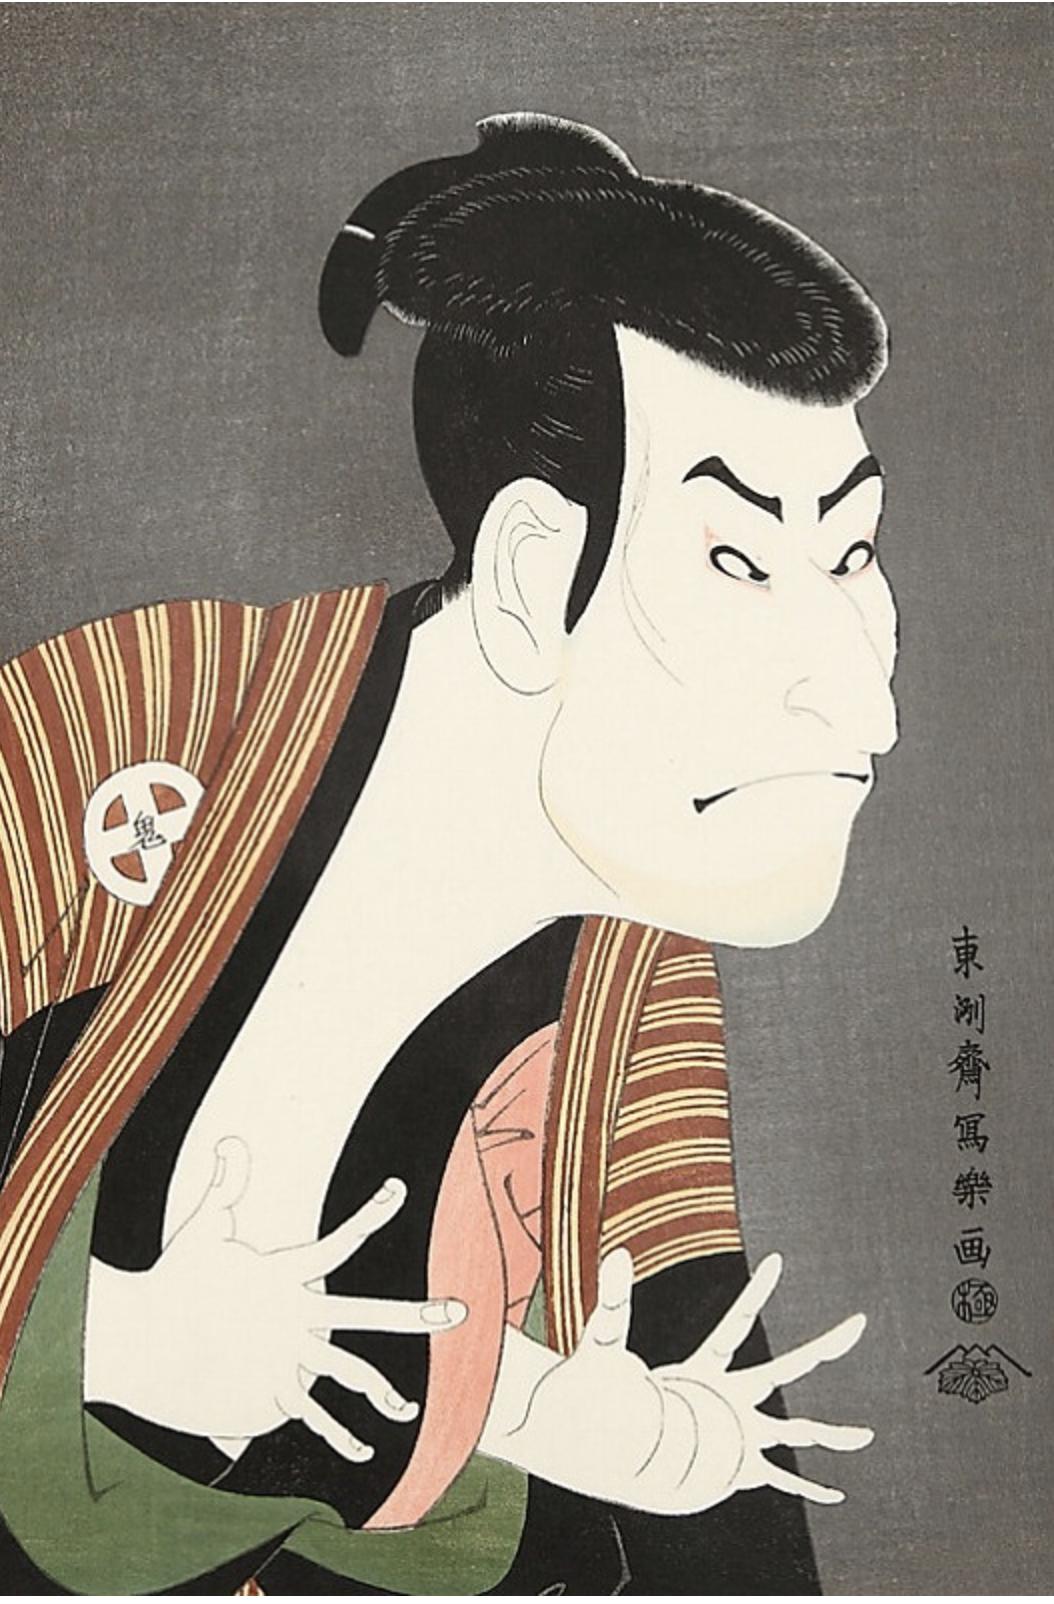 syaraku 江戸出版界の名プロデューサー、蔦重こと蔦屋 重三郎   浮世絵復刻版画専門店 金